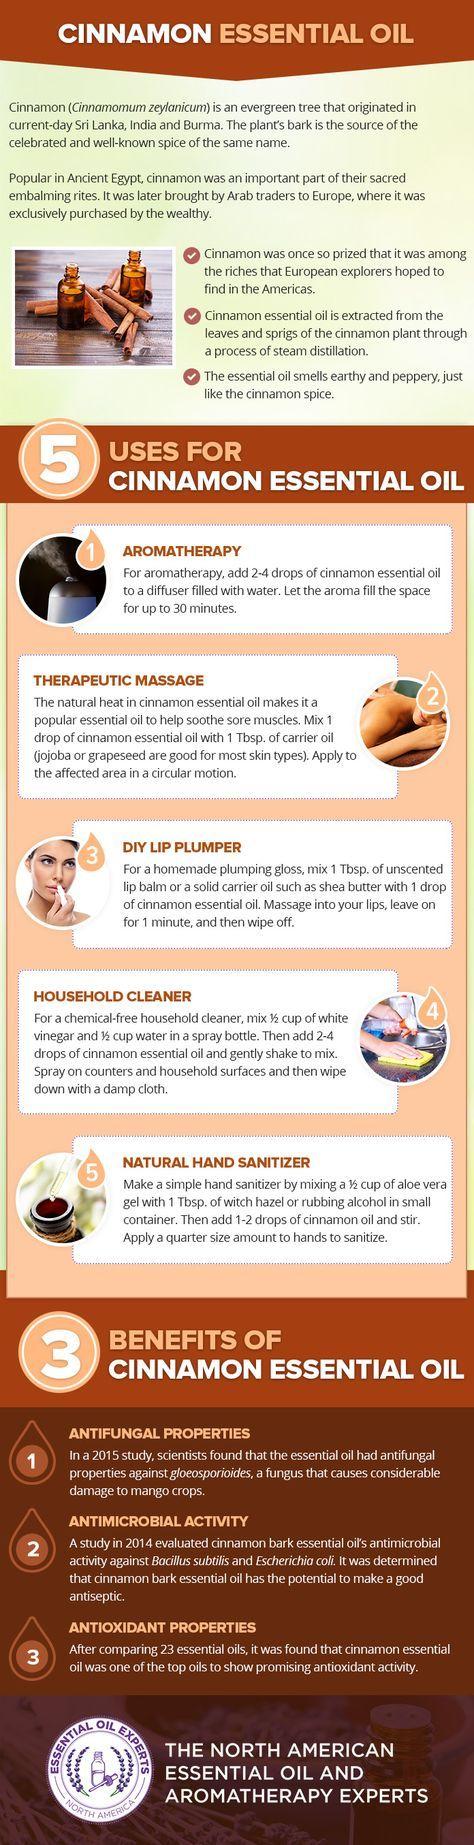 Cinnamon Essential Oil Uses & Benefits